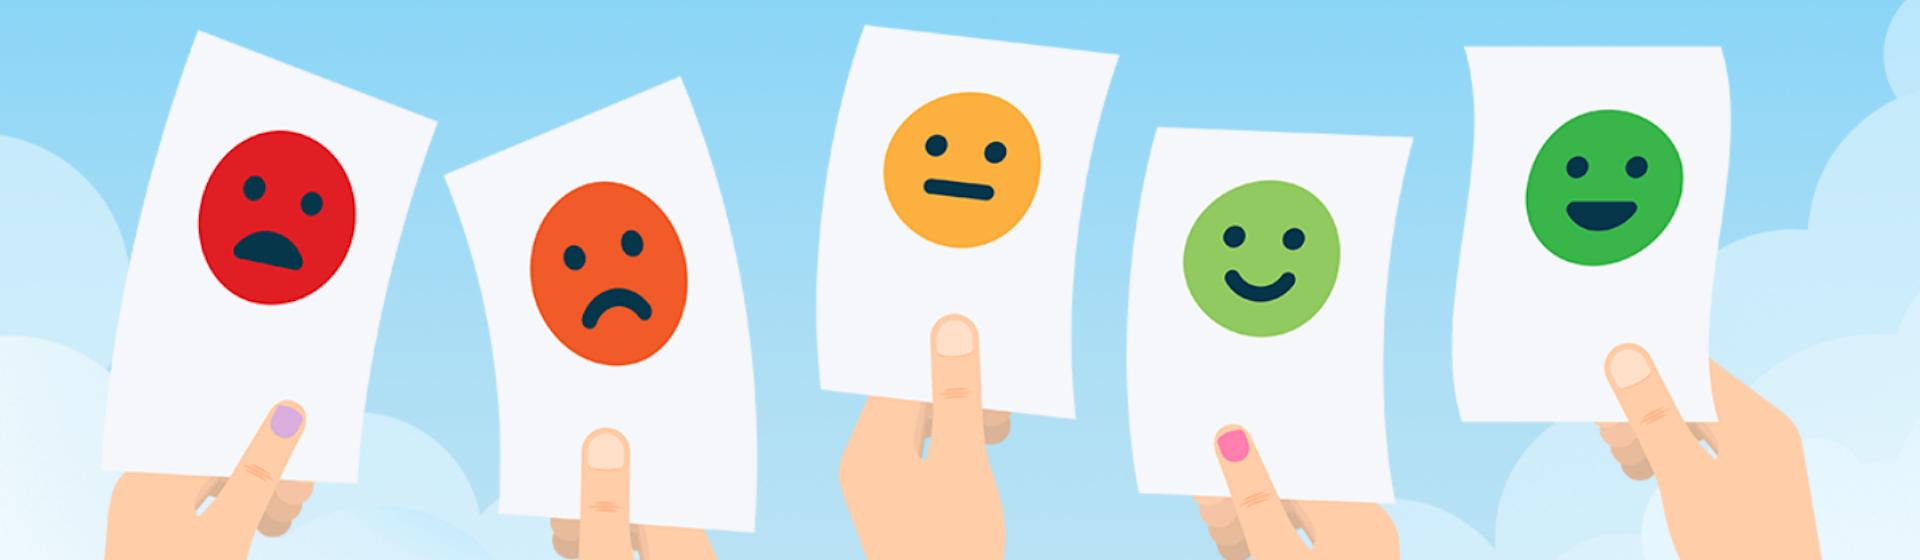 ¡Lánzate al mercado! Conoce los mejores ejemplos de preguntas para una encuesta sobre un producto